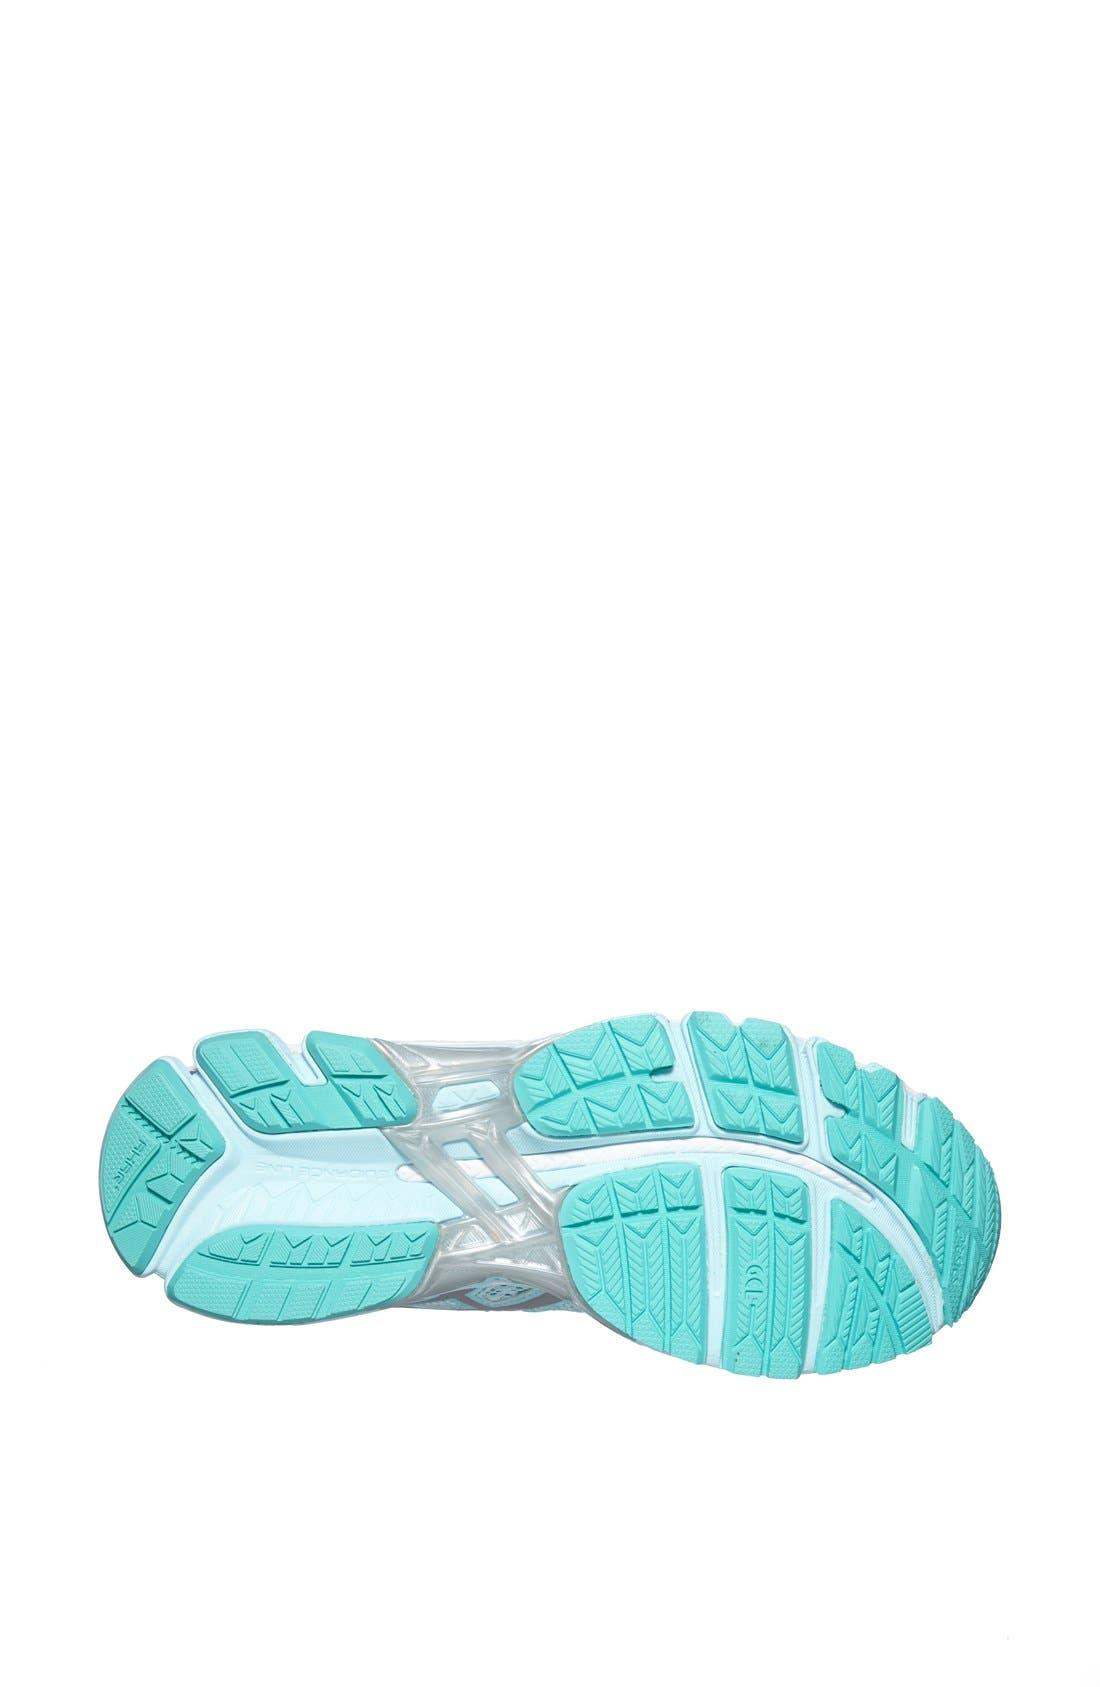 Alternate Image 4  - ASICS® 'GEL-Kayano® 20 Lite' Running Shoe (Women) (Regular Retail Price: $169.95)